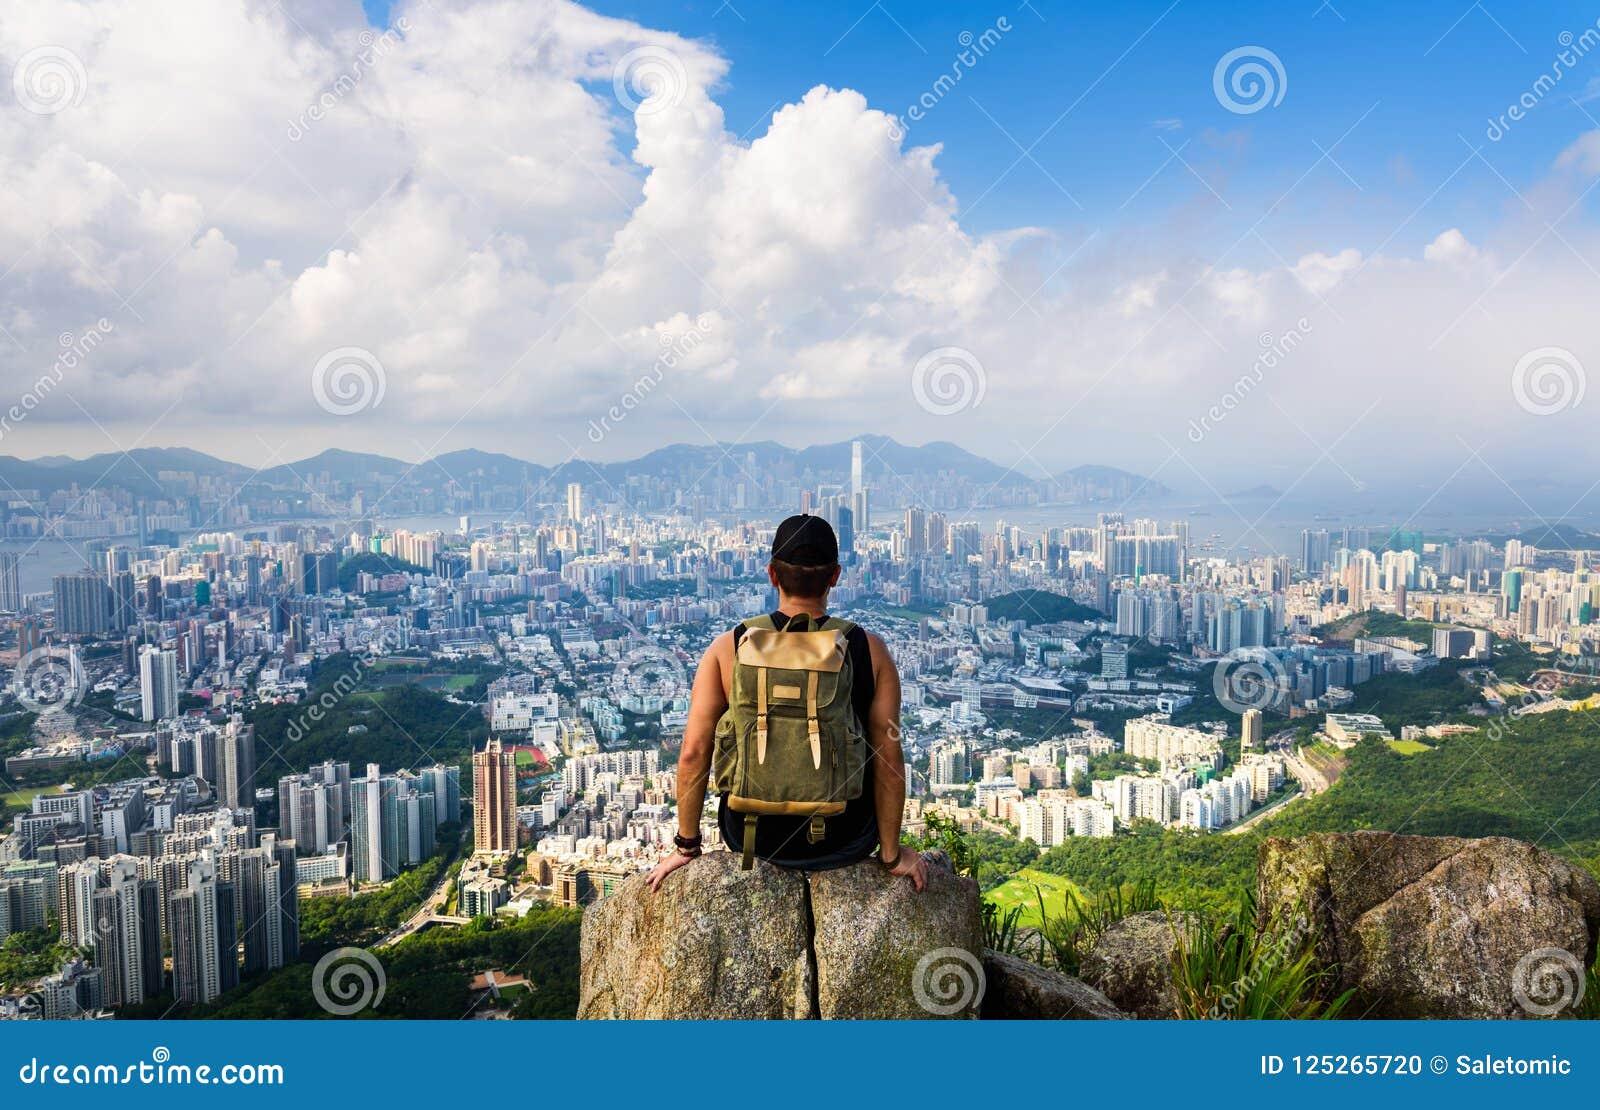 Man enjoying Hong Kong view from the Lion rock